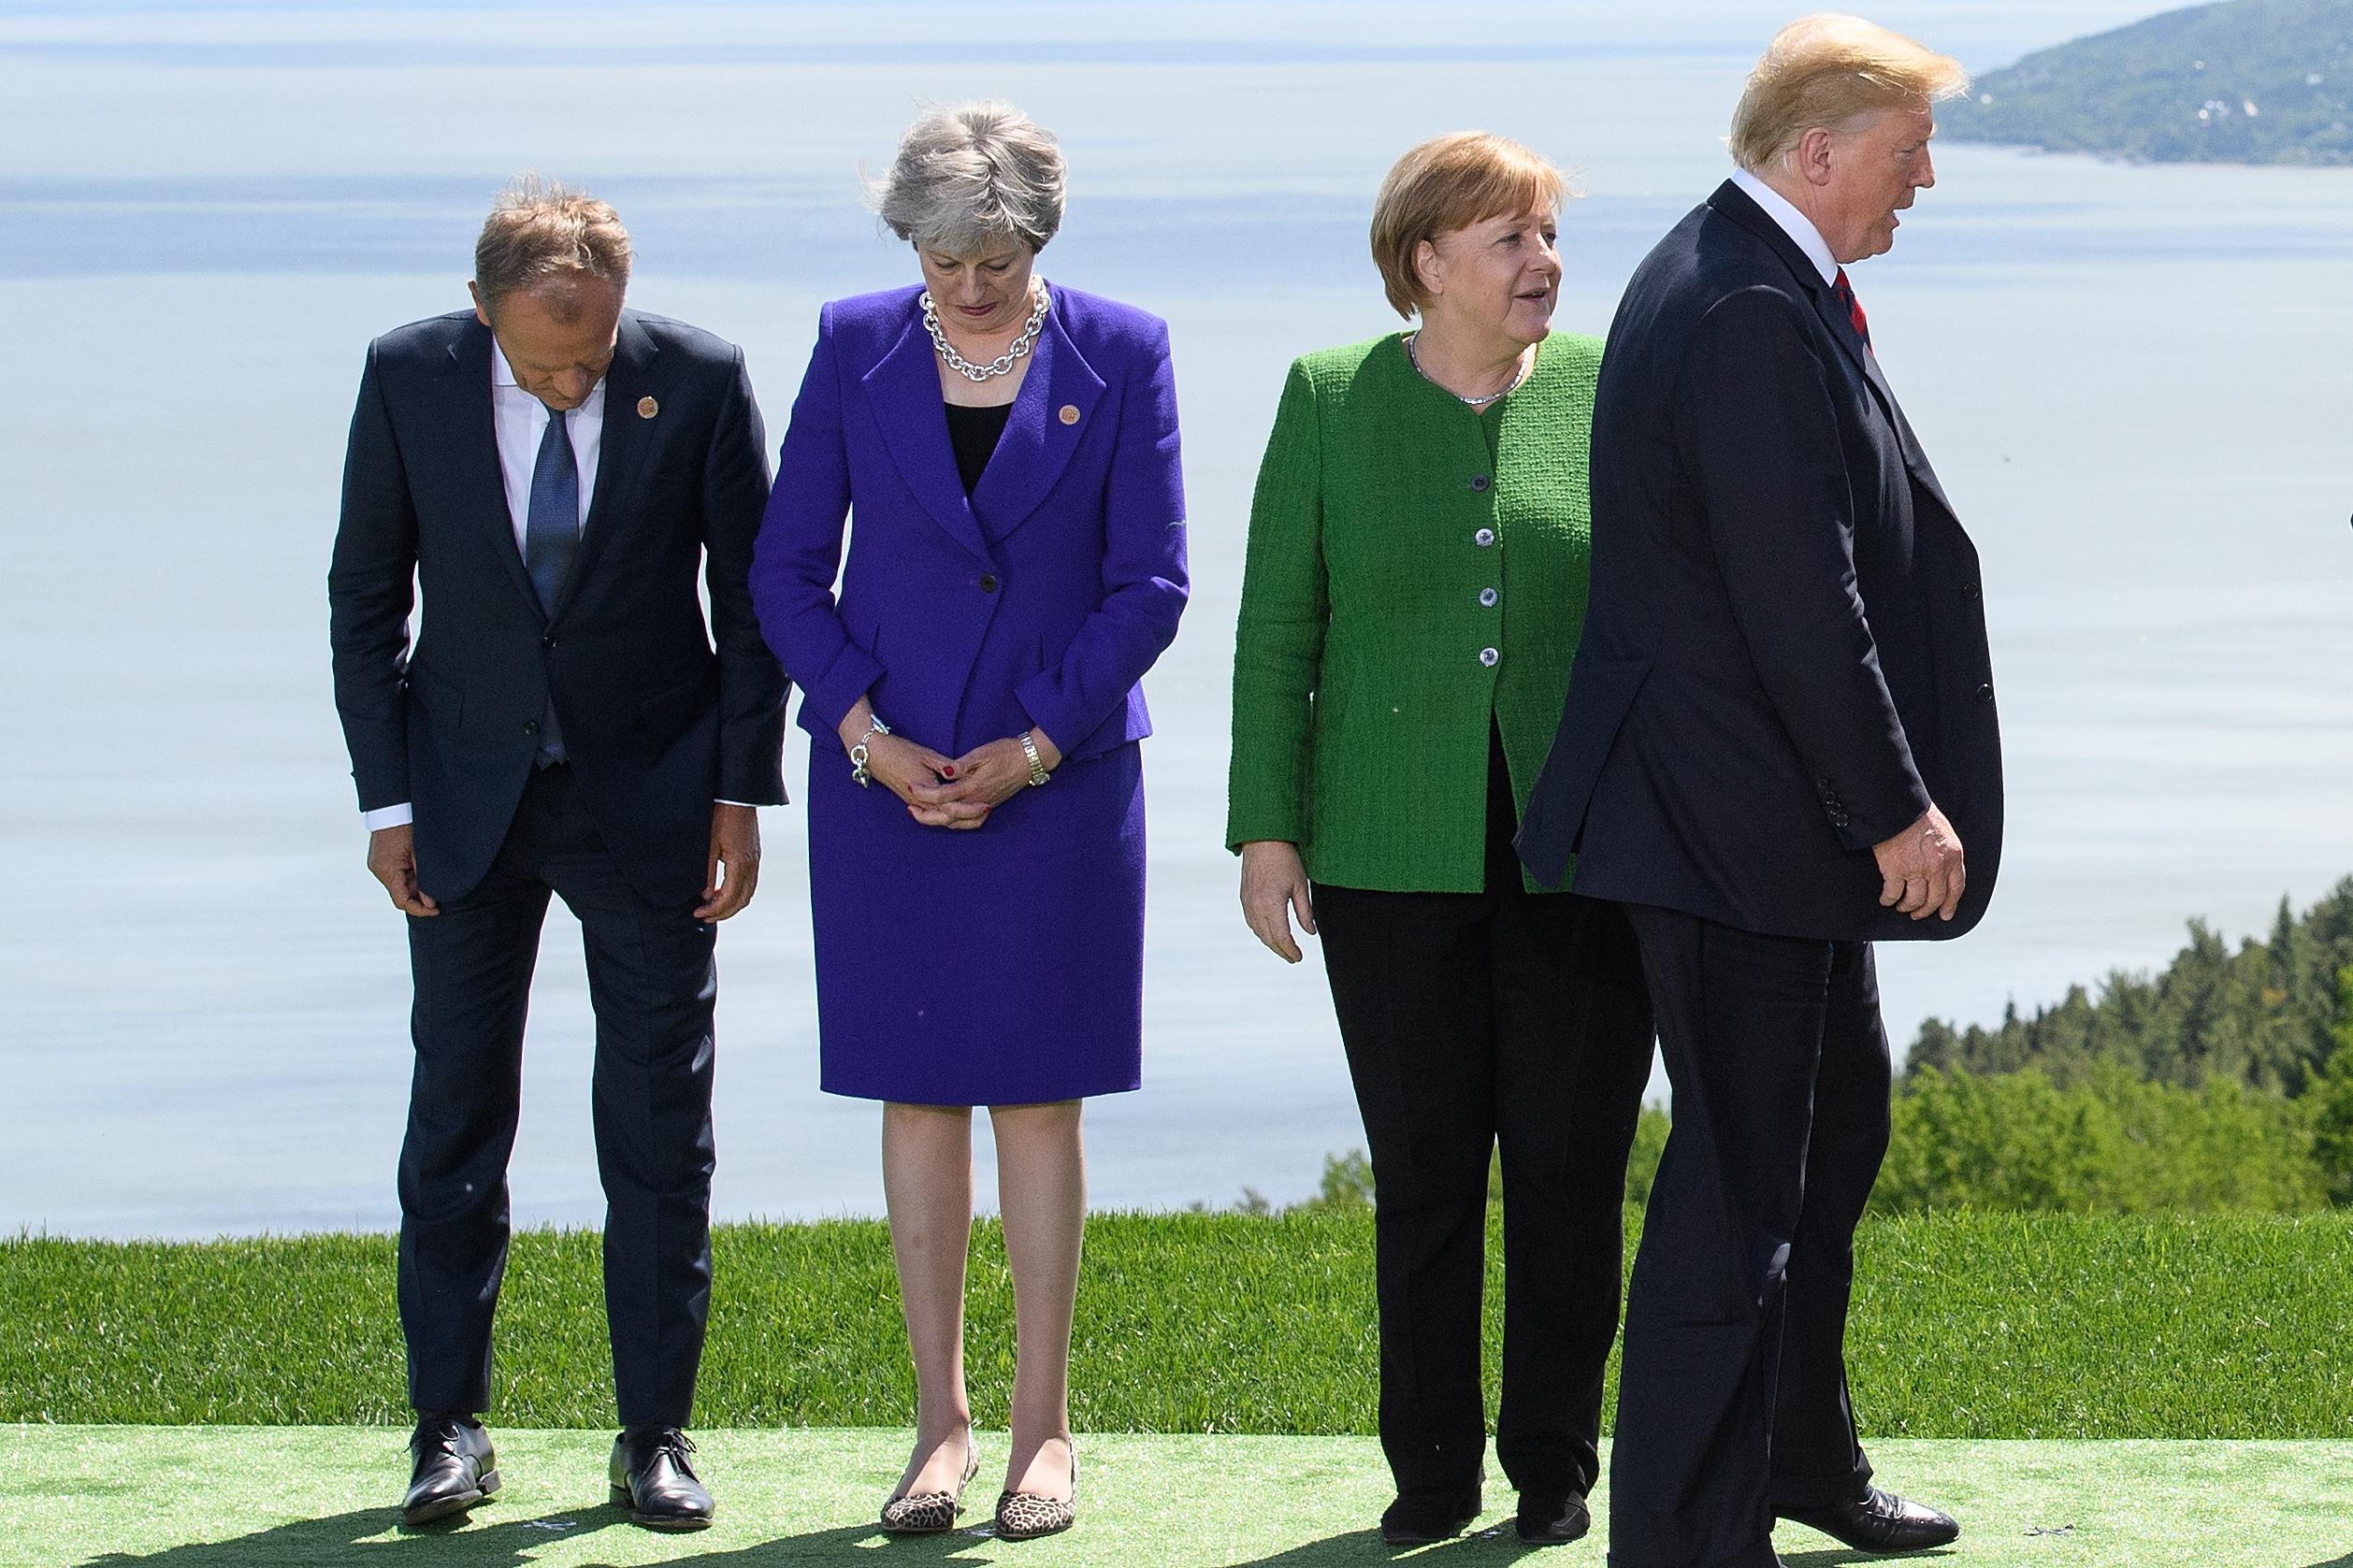 A Trump-kormány lefokozta az Európai Unió washingtoni követségét